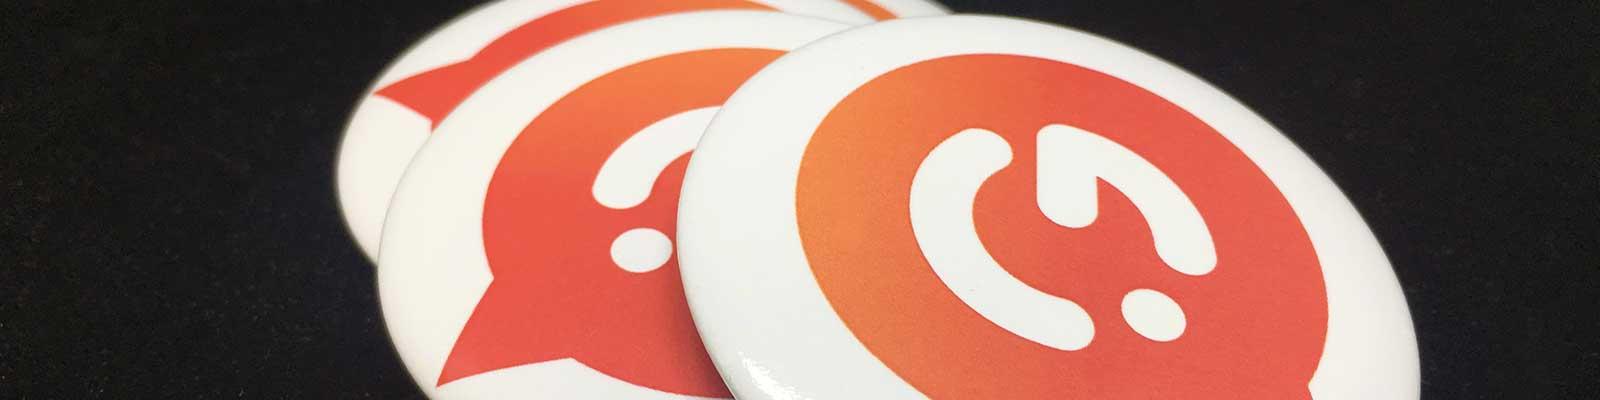 Goodies promotionnels - Badges personnalisés - Garment Printing